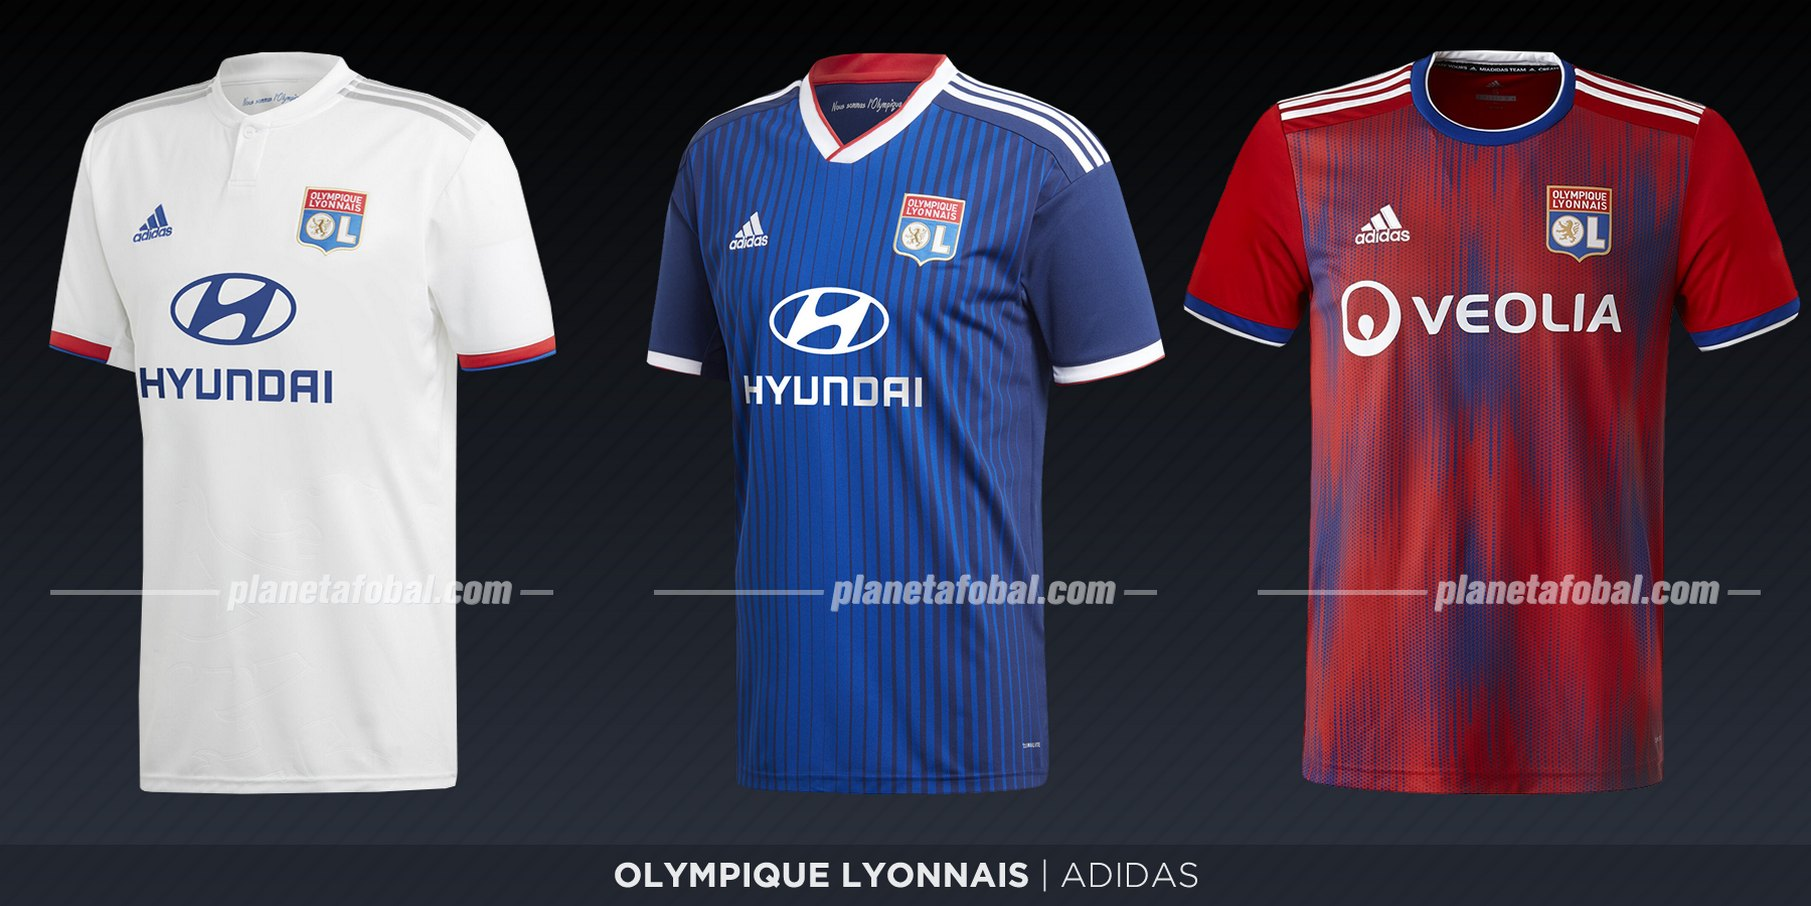 Olympique Lyon (Adidas) | Camisetas de la Ligue 1 2019-2020